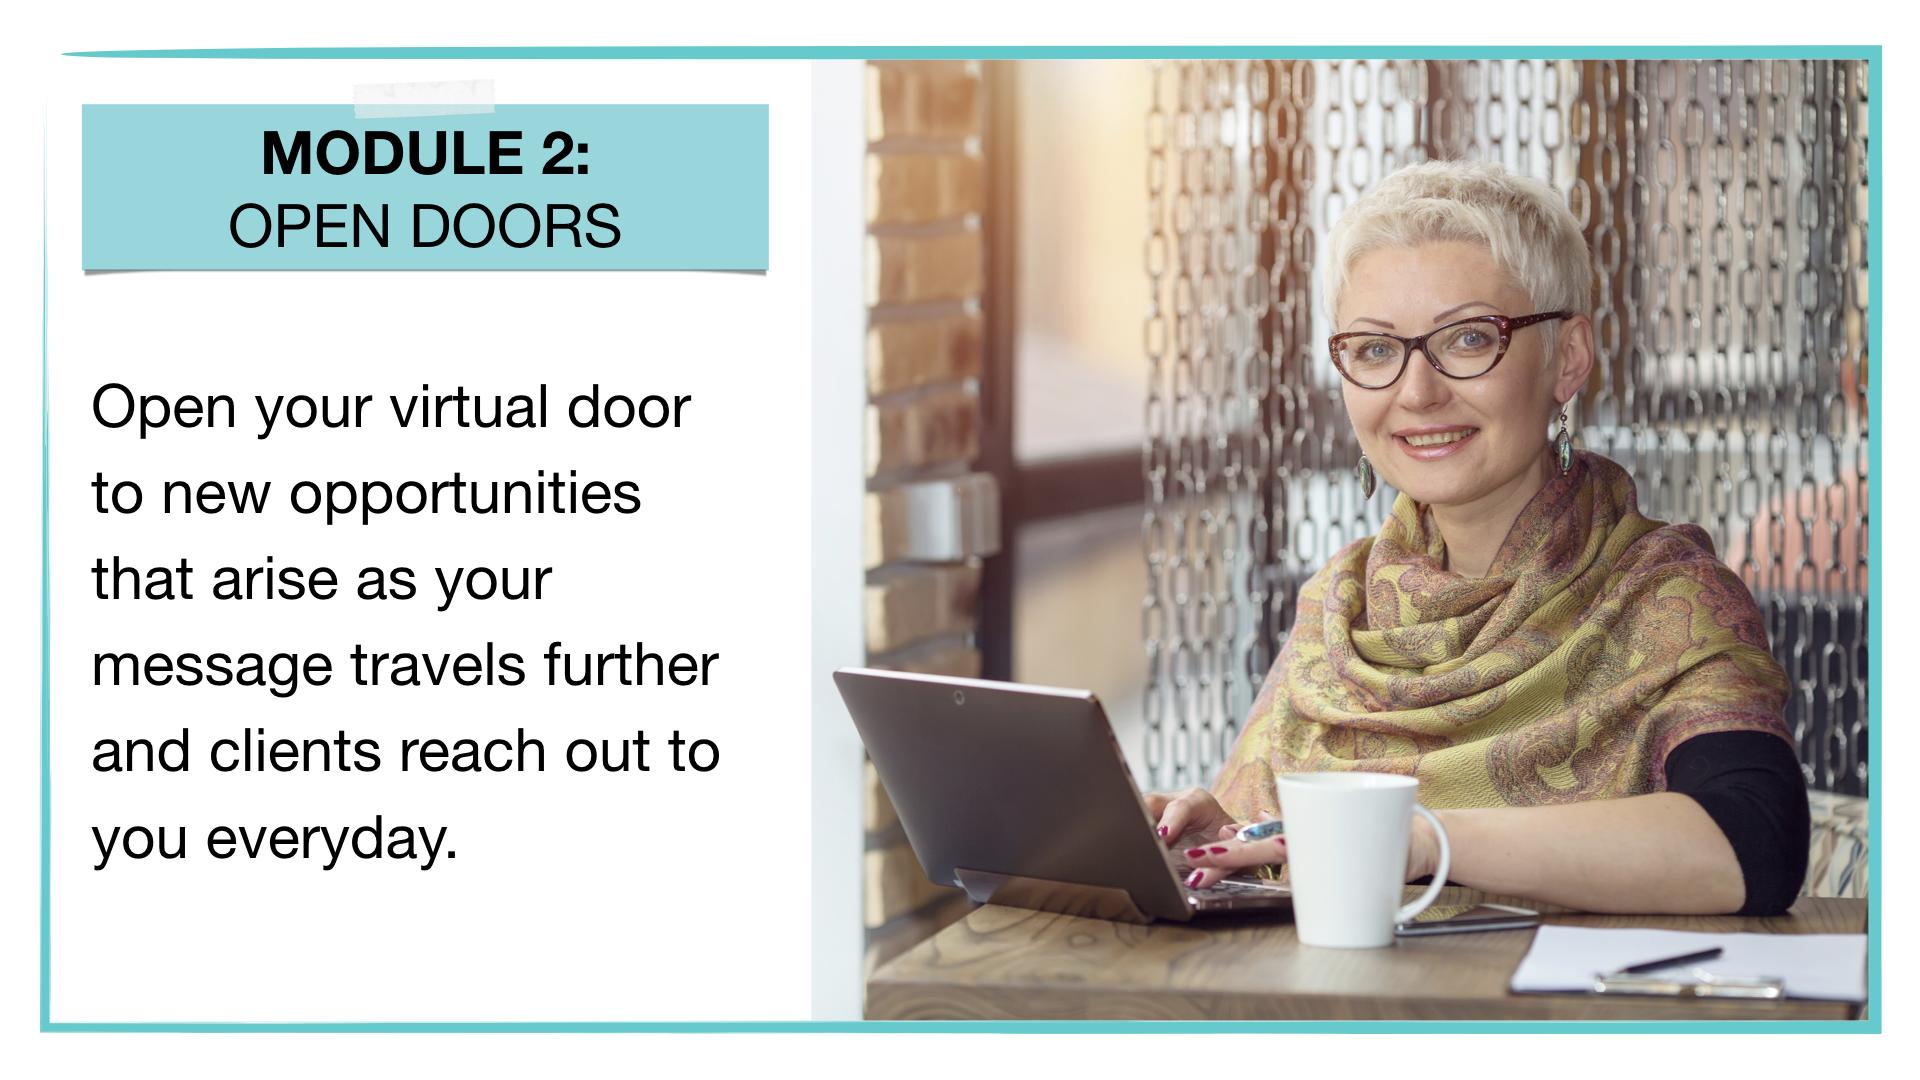 MMM Module 2: Open Doors